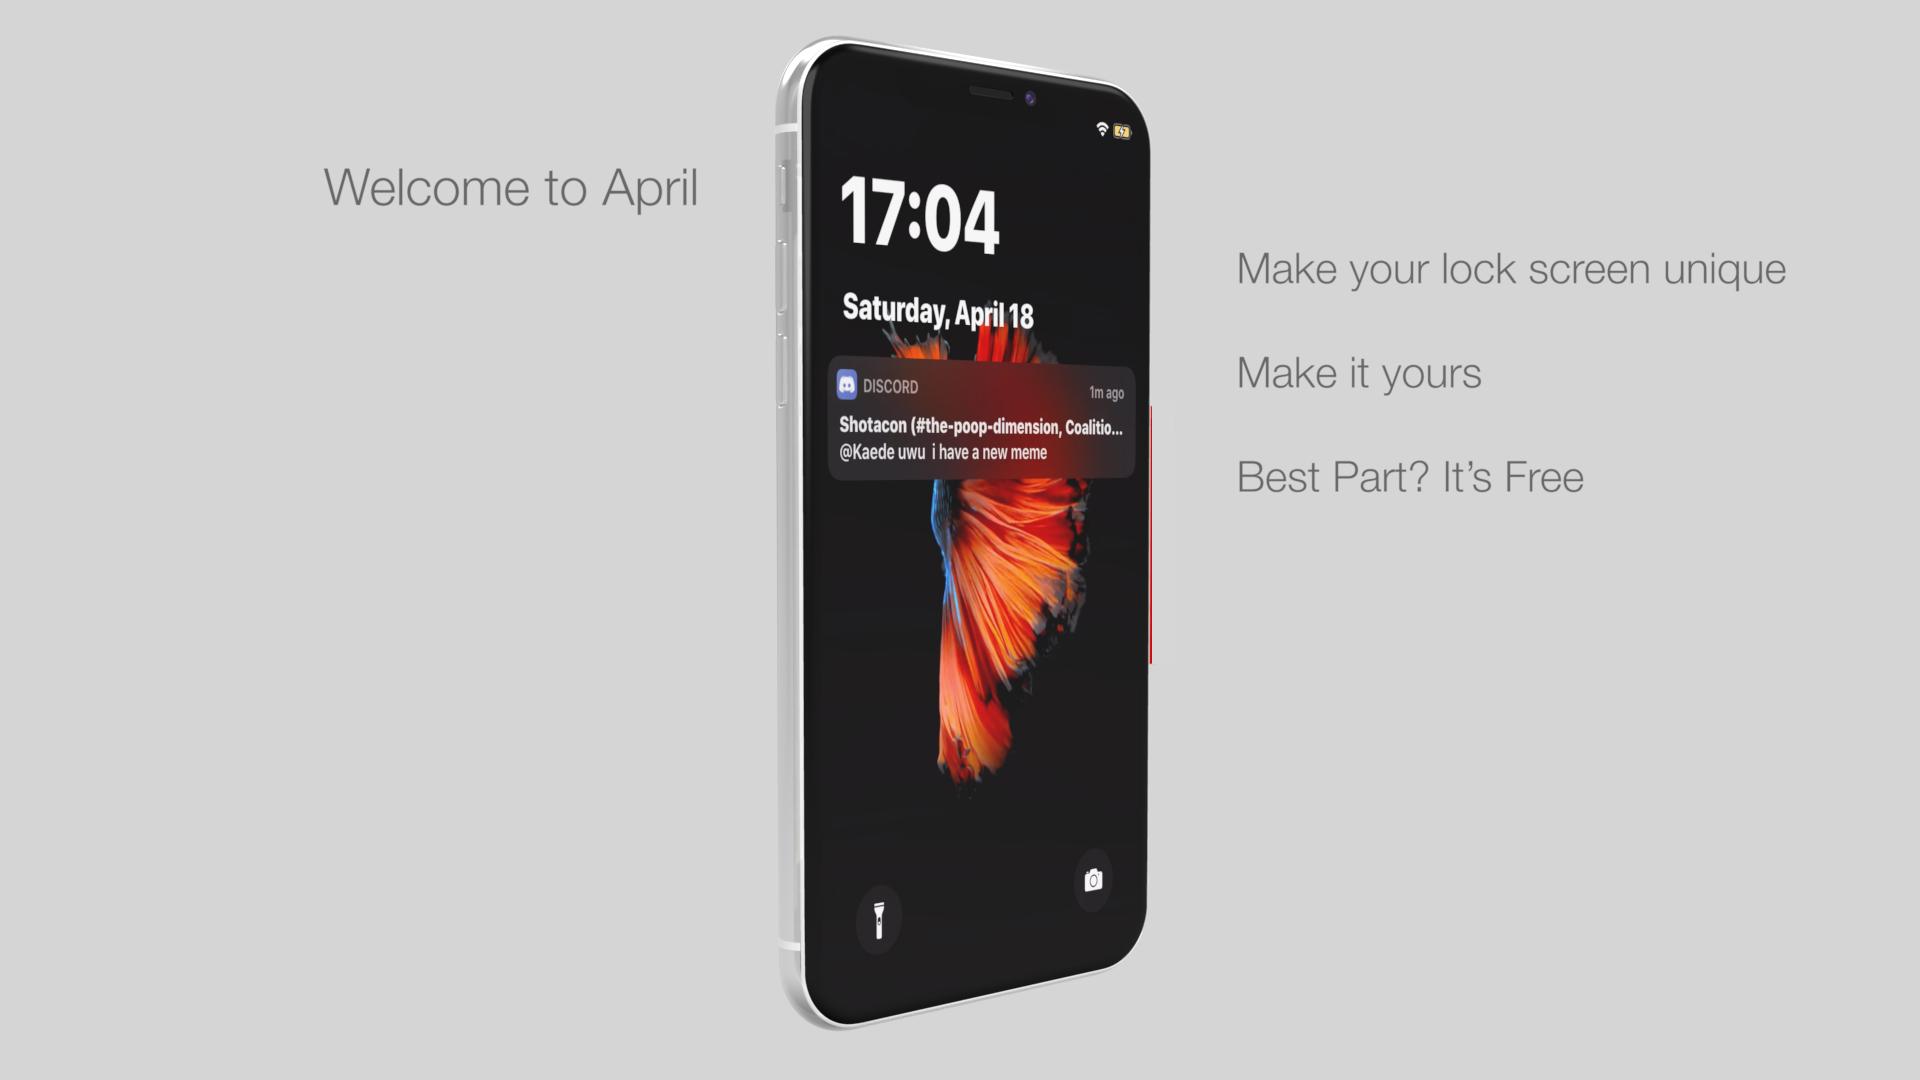 April trae un nuevo nivel de personalización de pantallas de bloqueo a iPhones con jailbreak